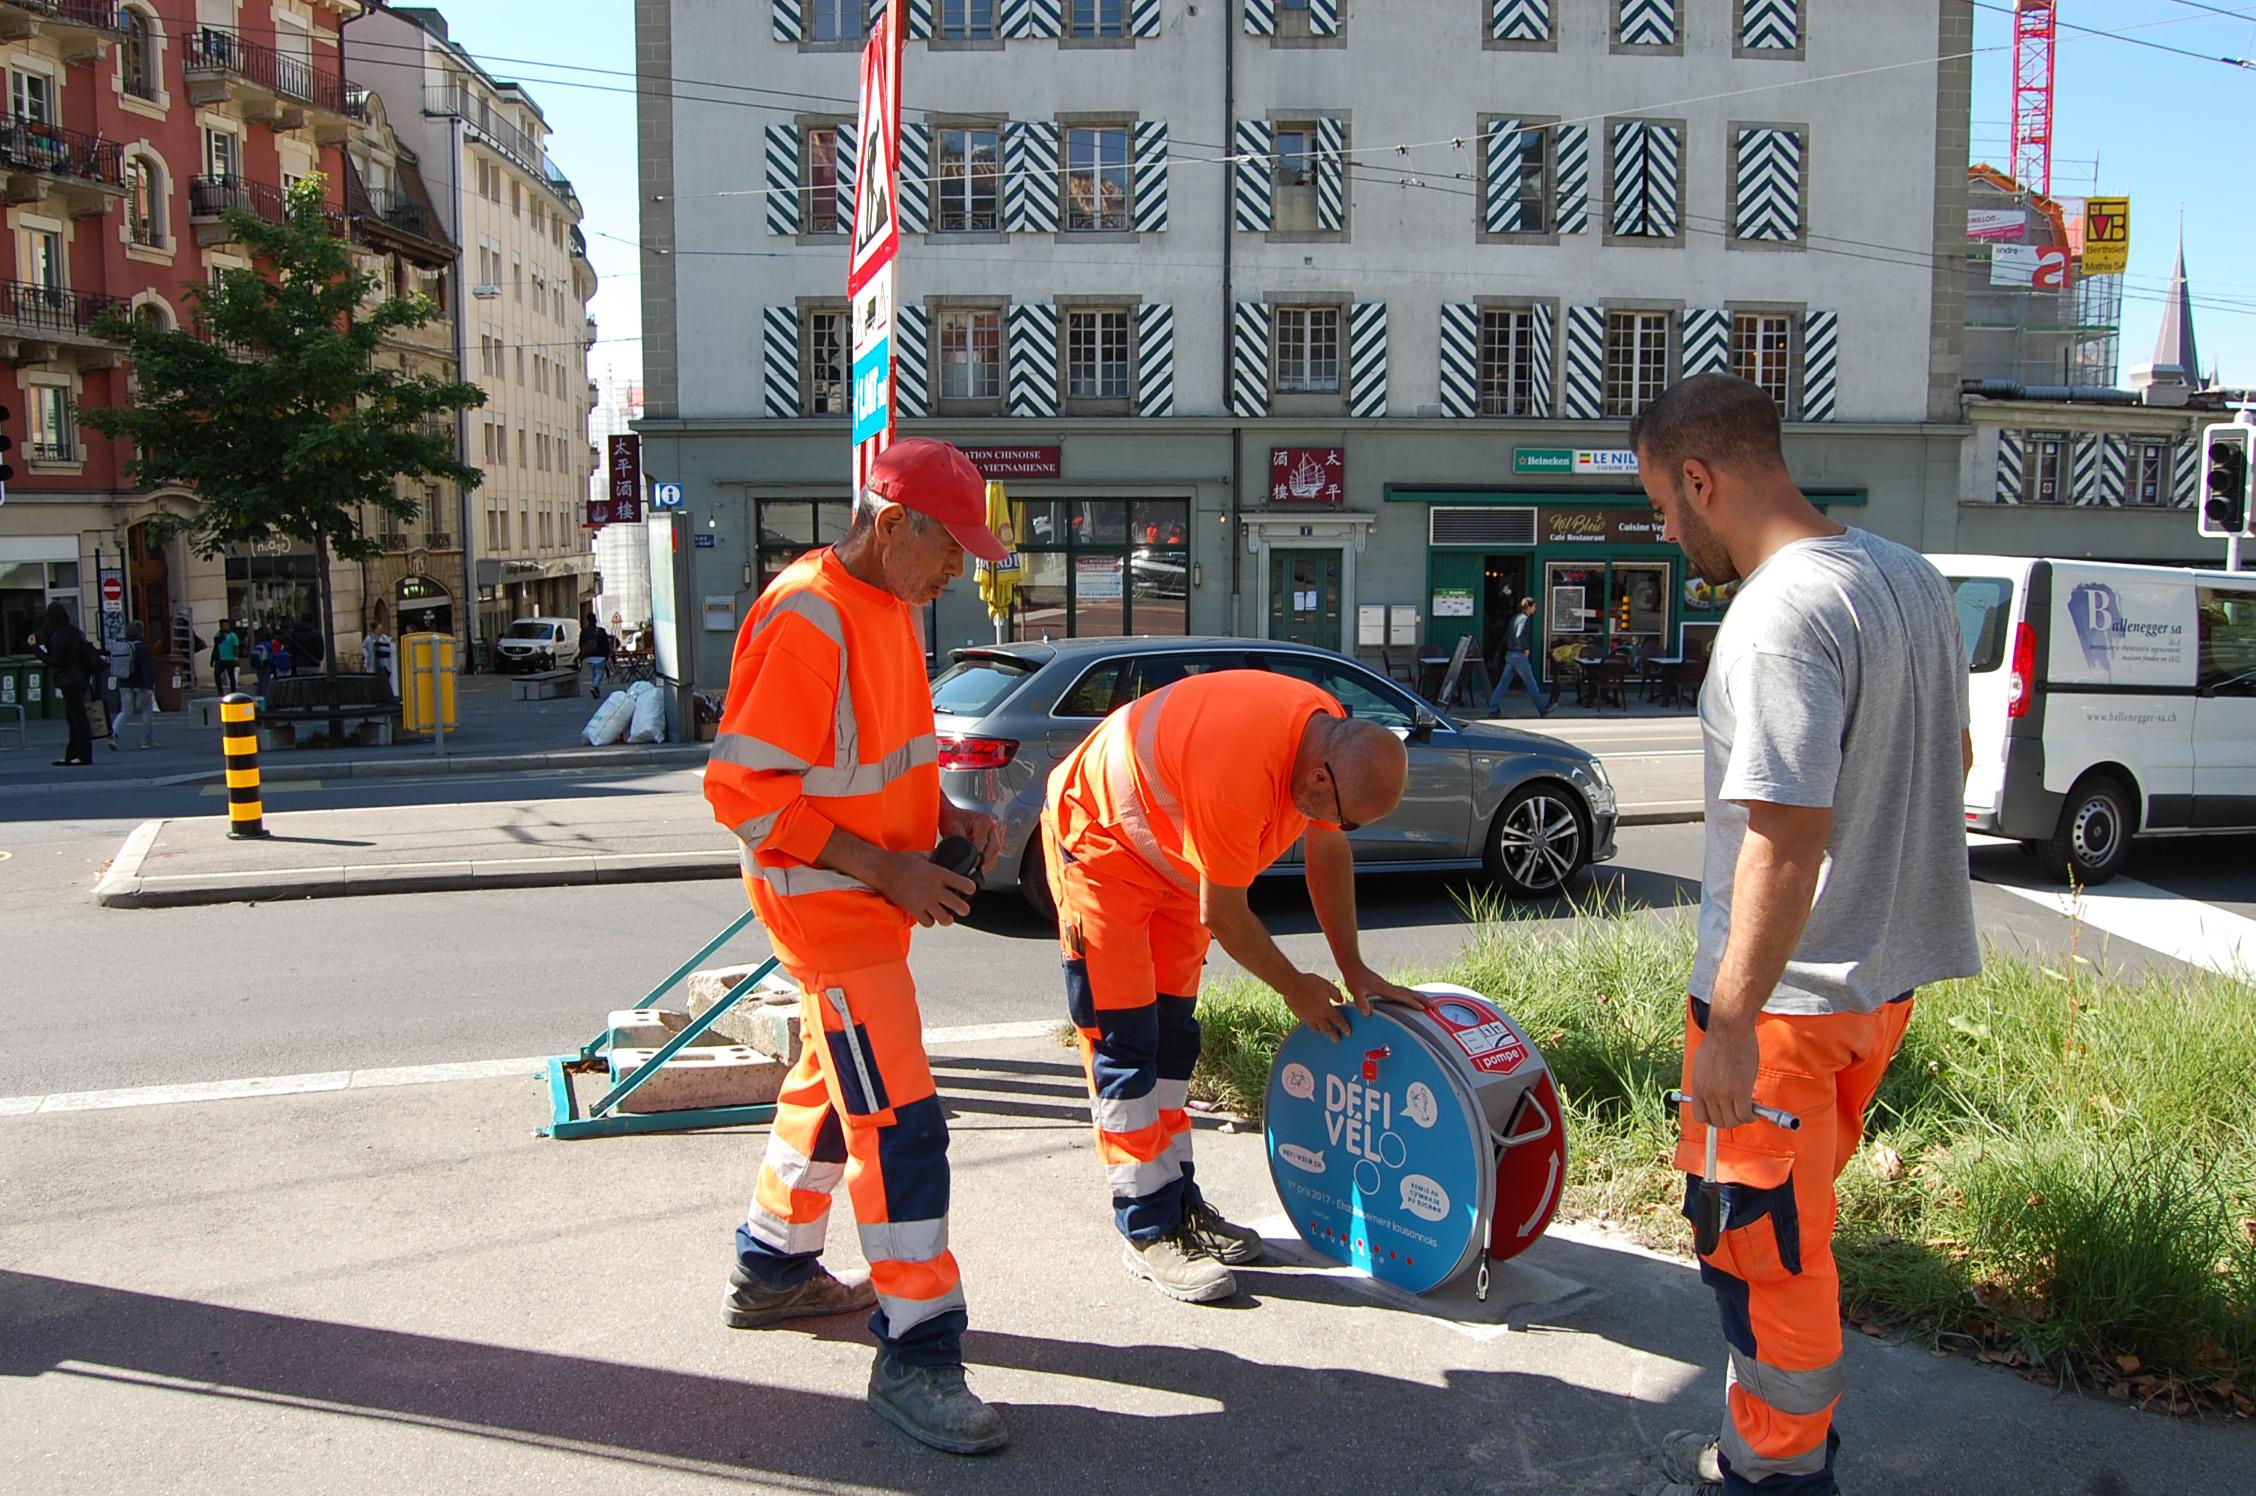 170921 Remise du prix Etablissement Lausanne-19_edit1500